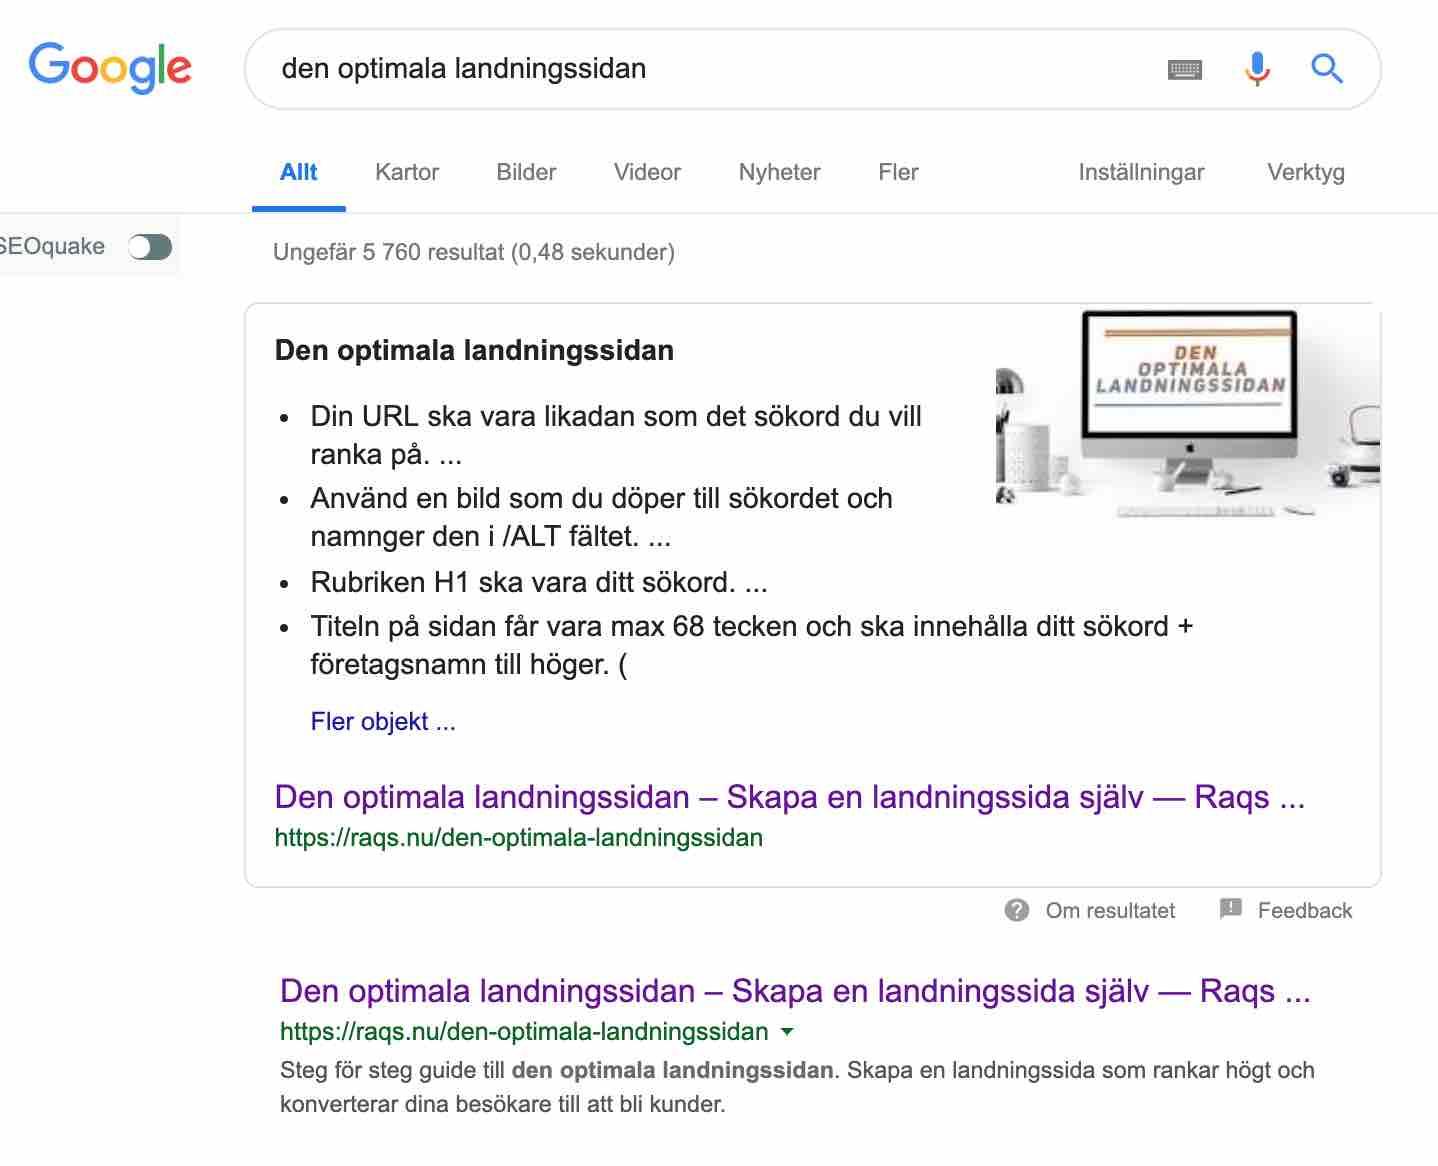 """Googles sökresultat om du gör landningssidan rätt. En sk featured snippet på sökningen """"Den optimala landningssidan"""""""